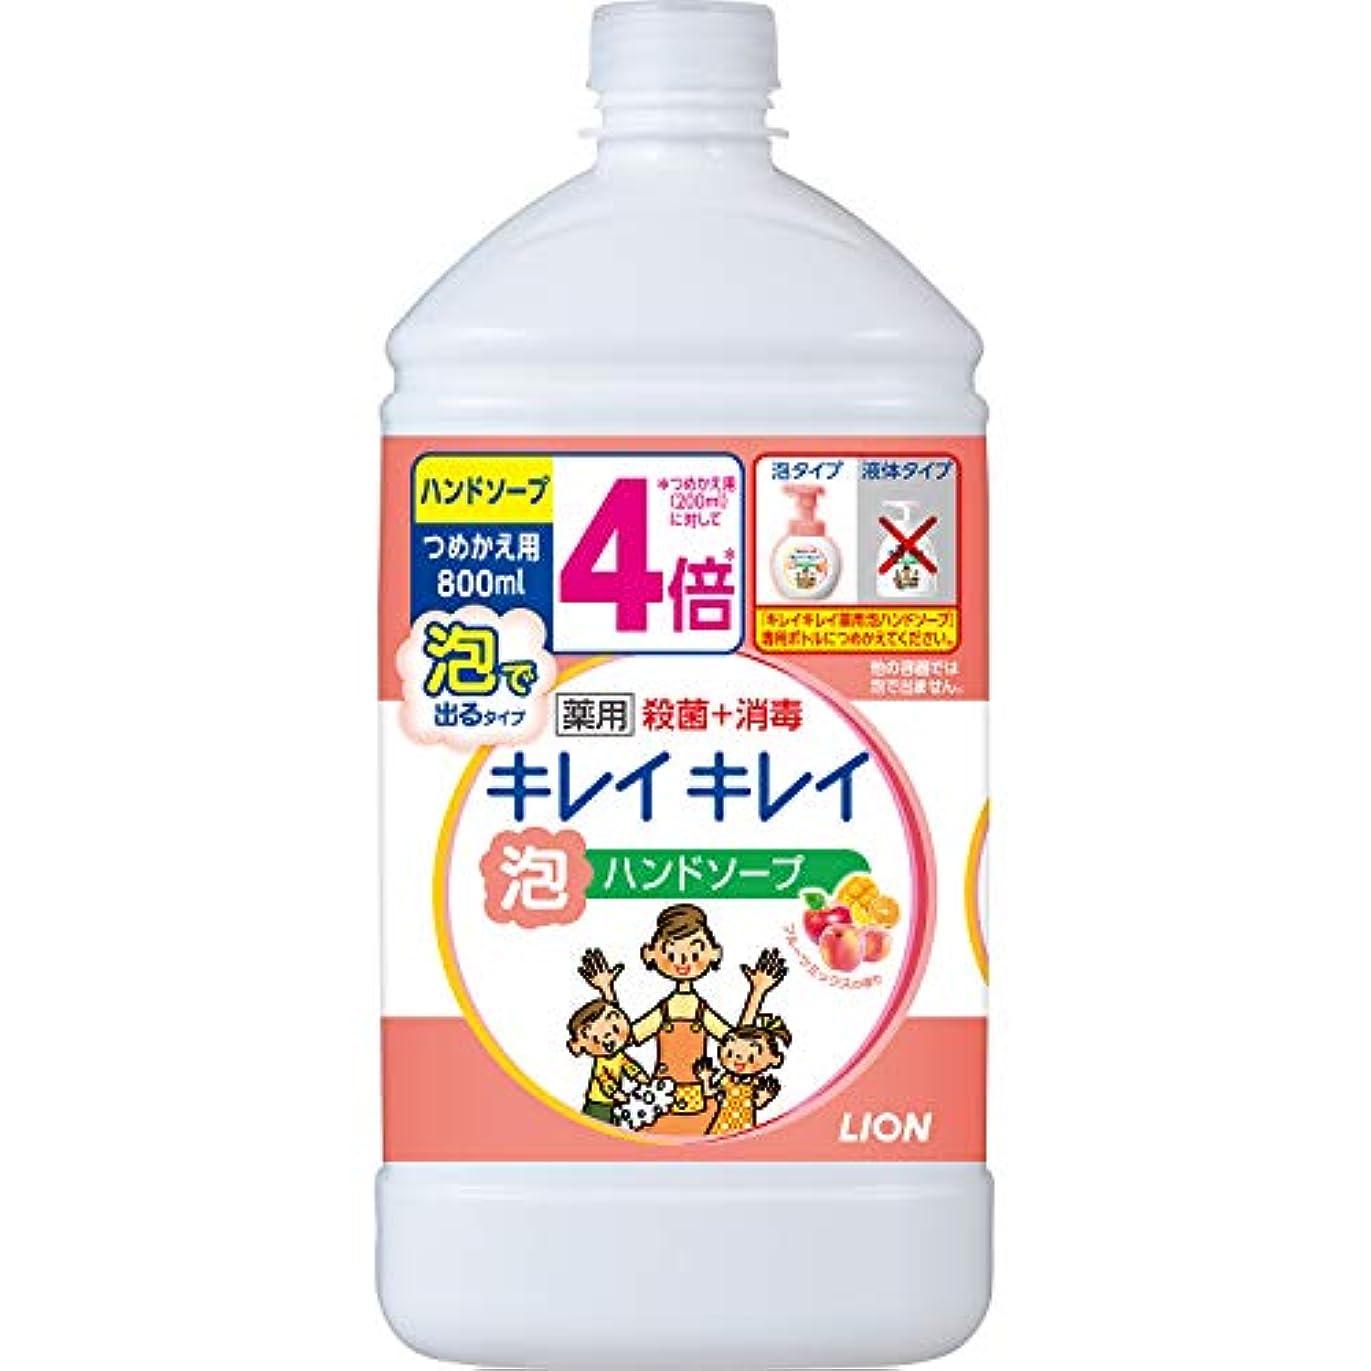 悪い私たちの苗(医薬部外品)【大容量】キレイキレイ 薬用 泡ハンドソープ フルーツミックスの香り 詰替特大 800ml